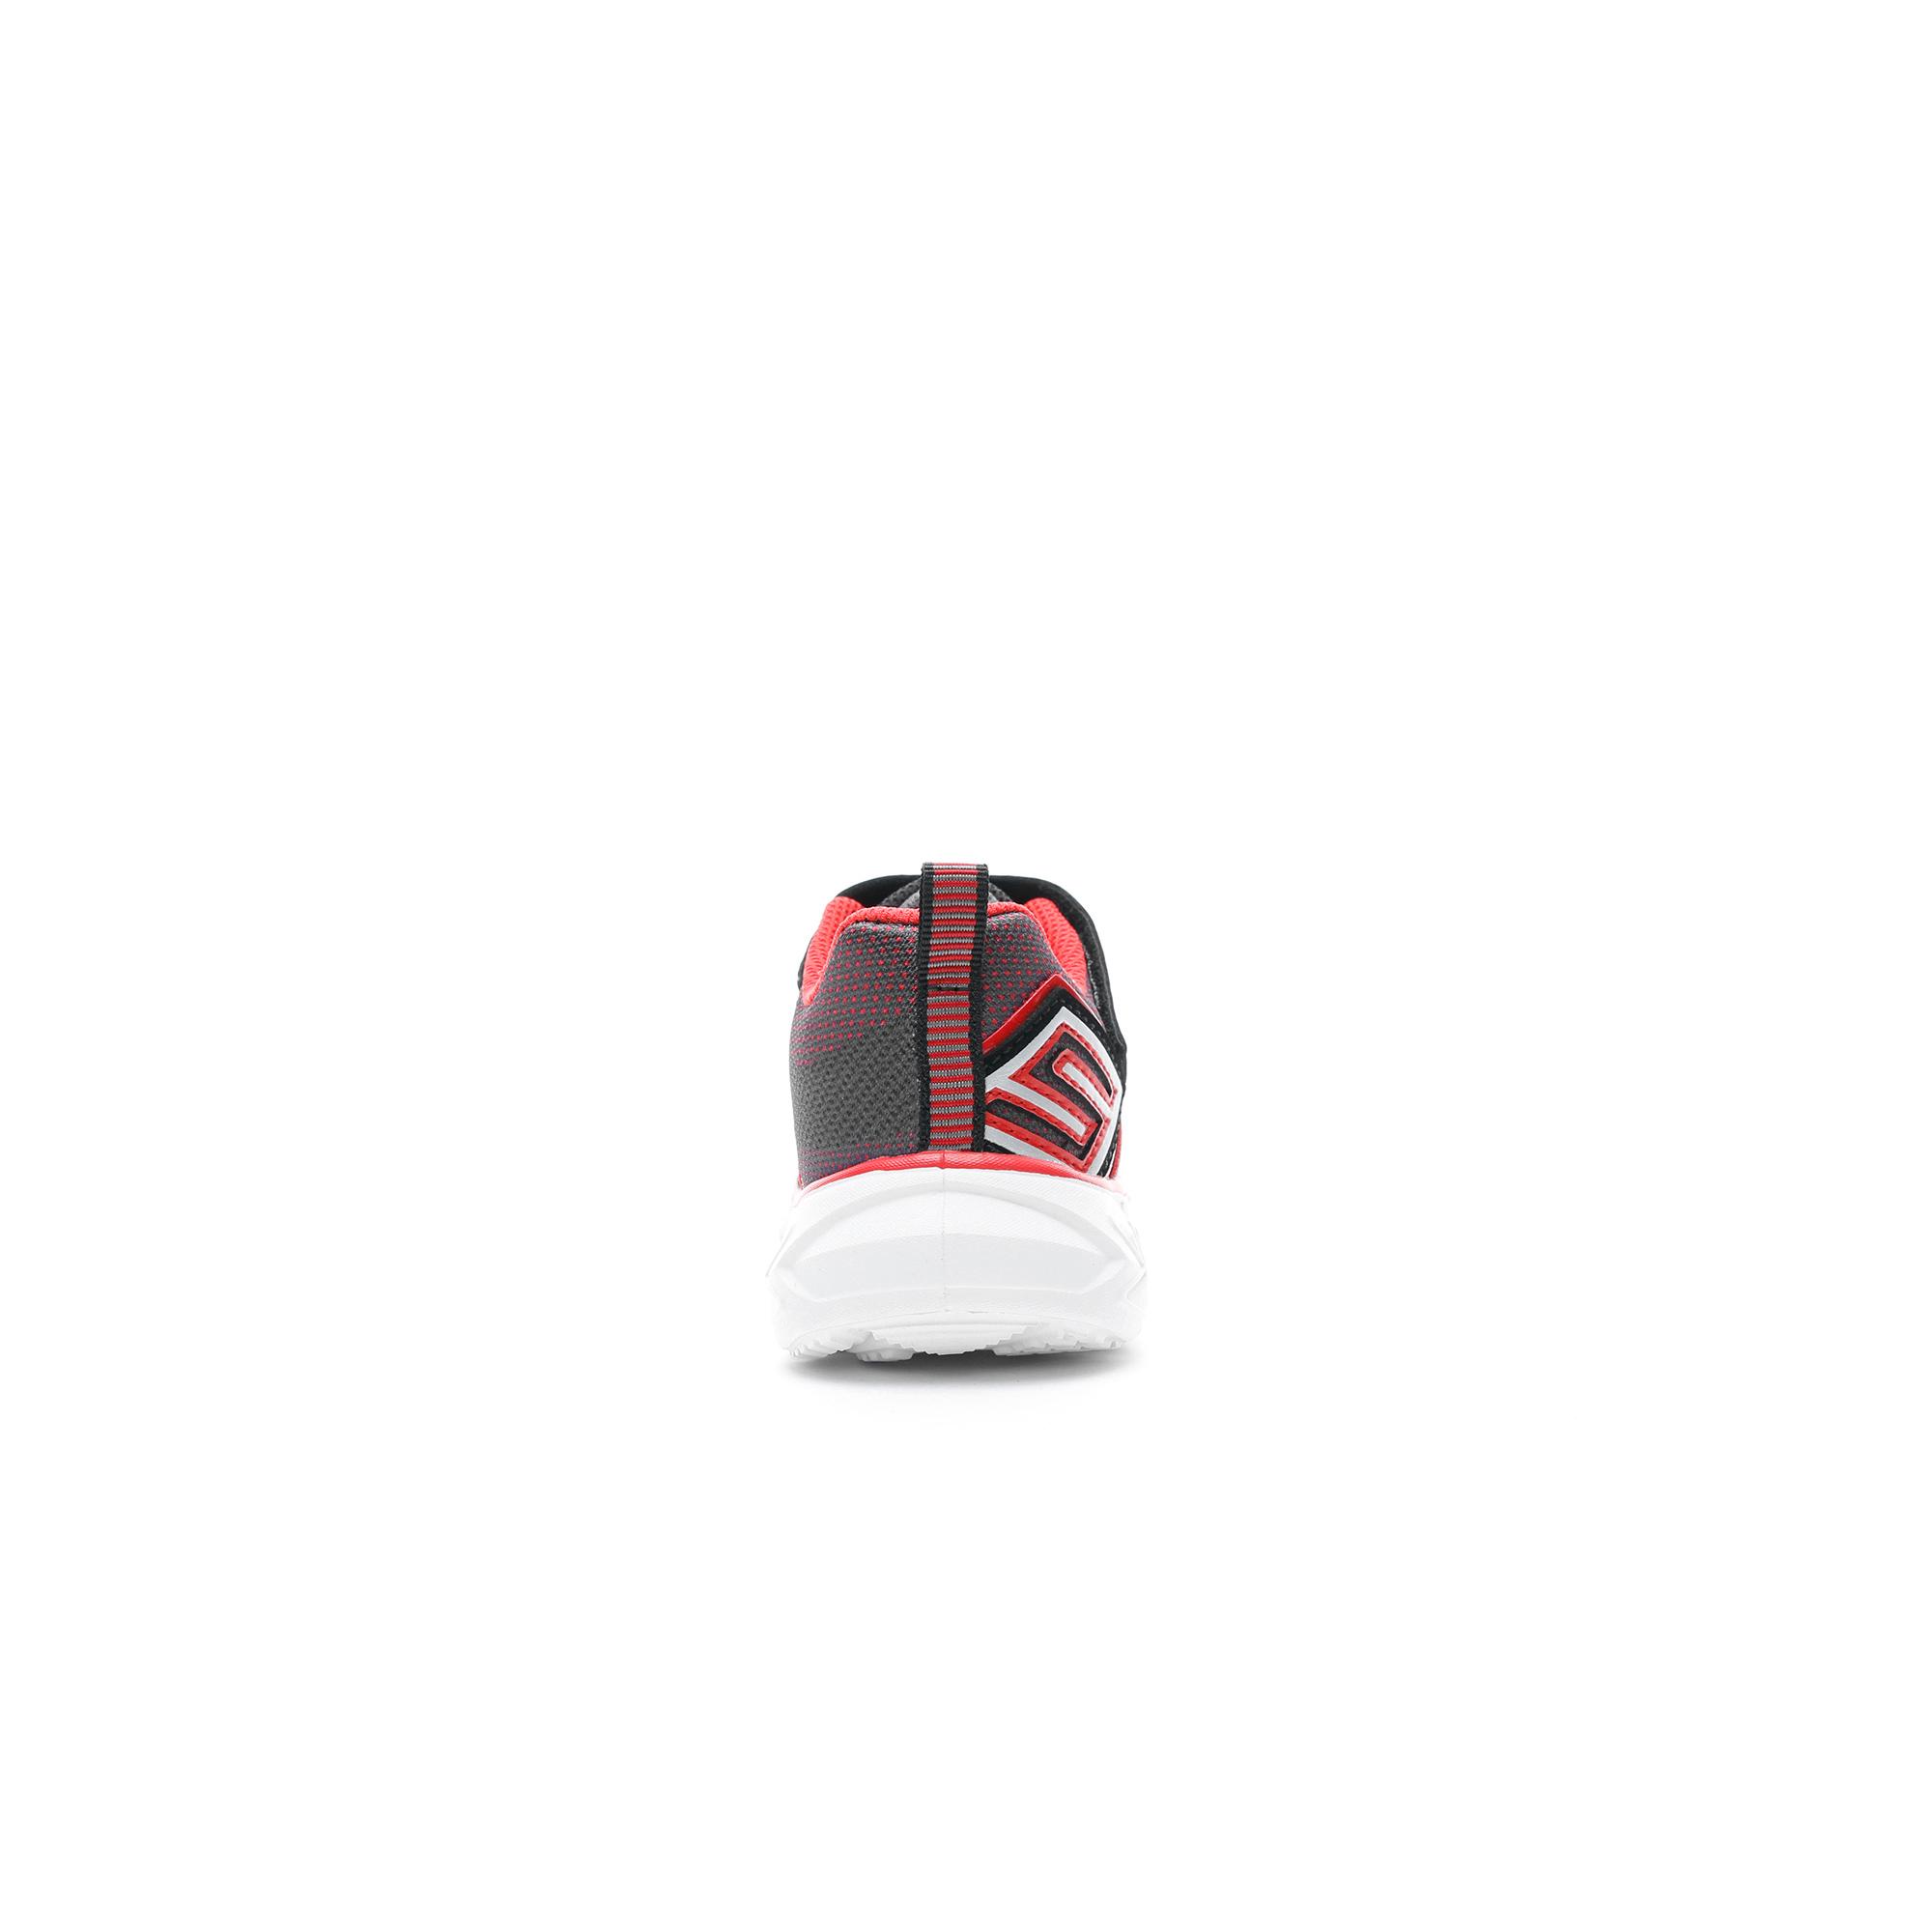 Skechers Hypno-Flash 2.0 Işıklı Çocuk Gri Spor Ayakkabı